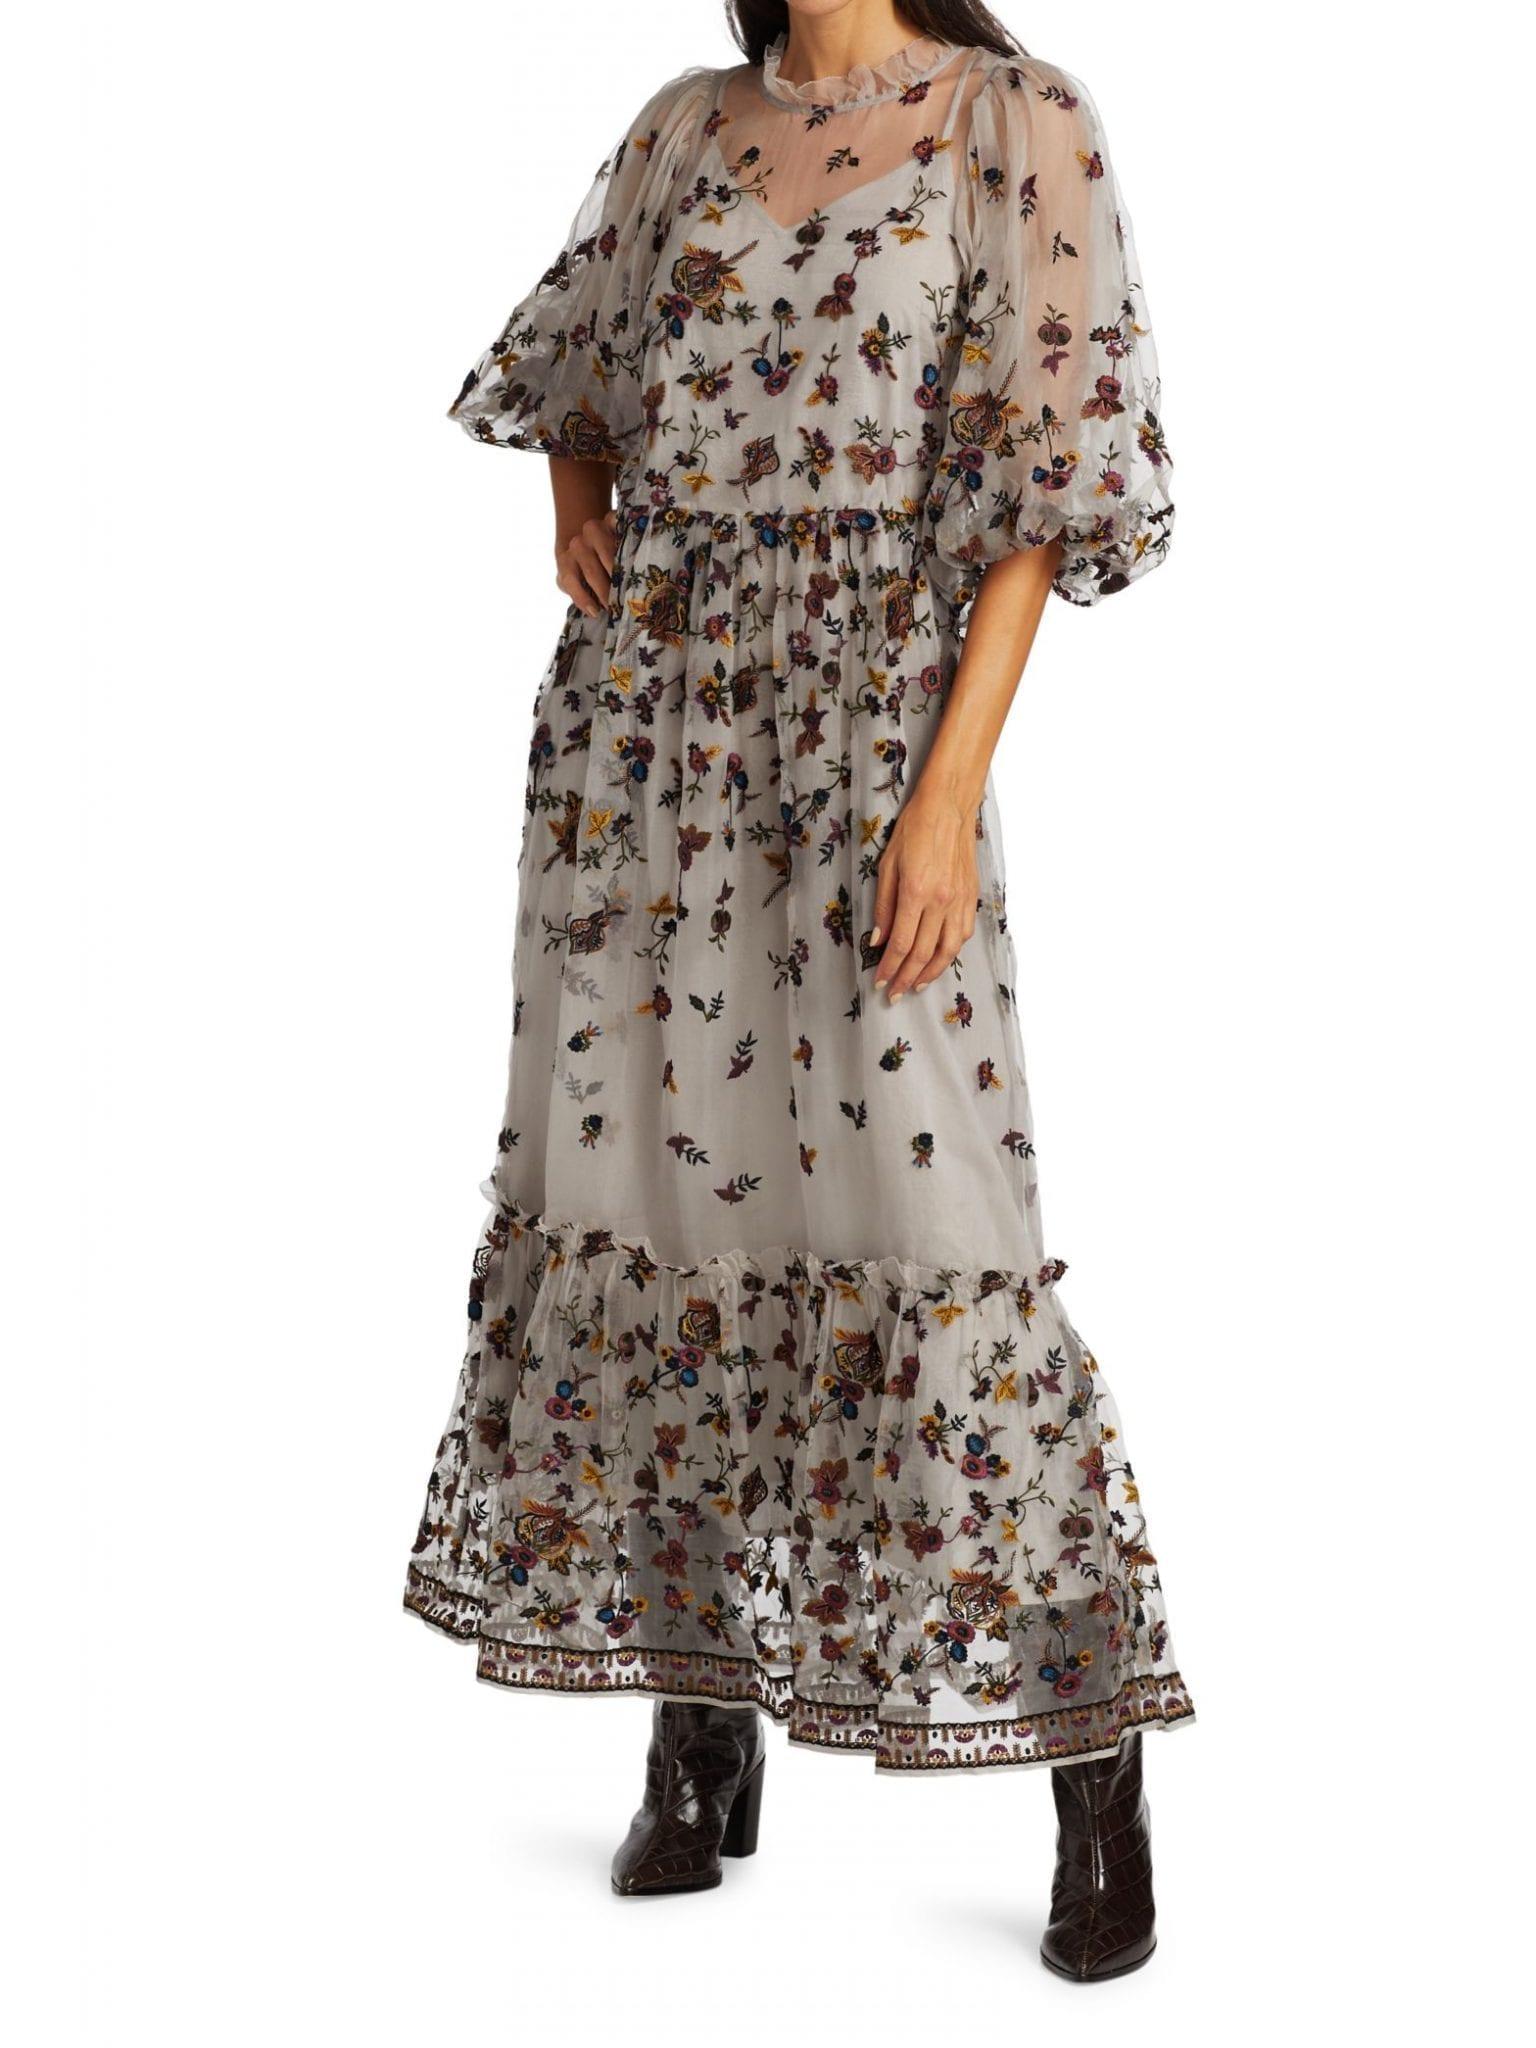 SEA Francesca Puff-Sleeve Embroidered Maxi Dress